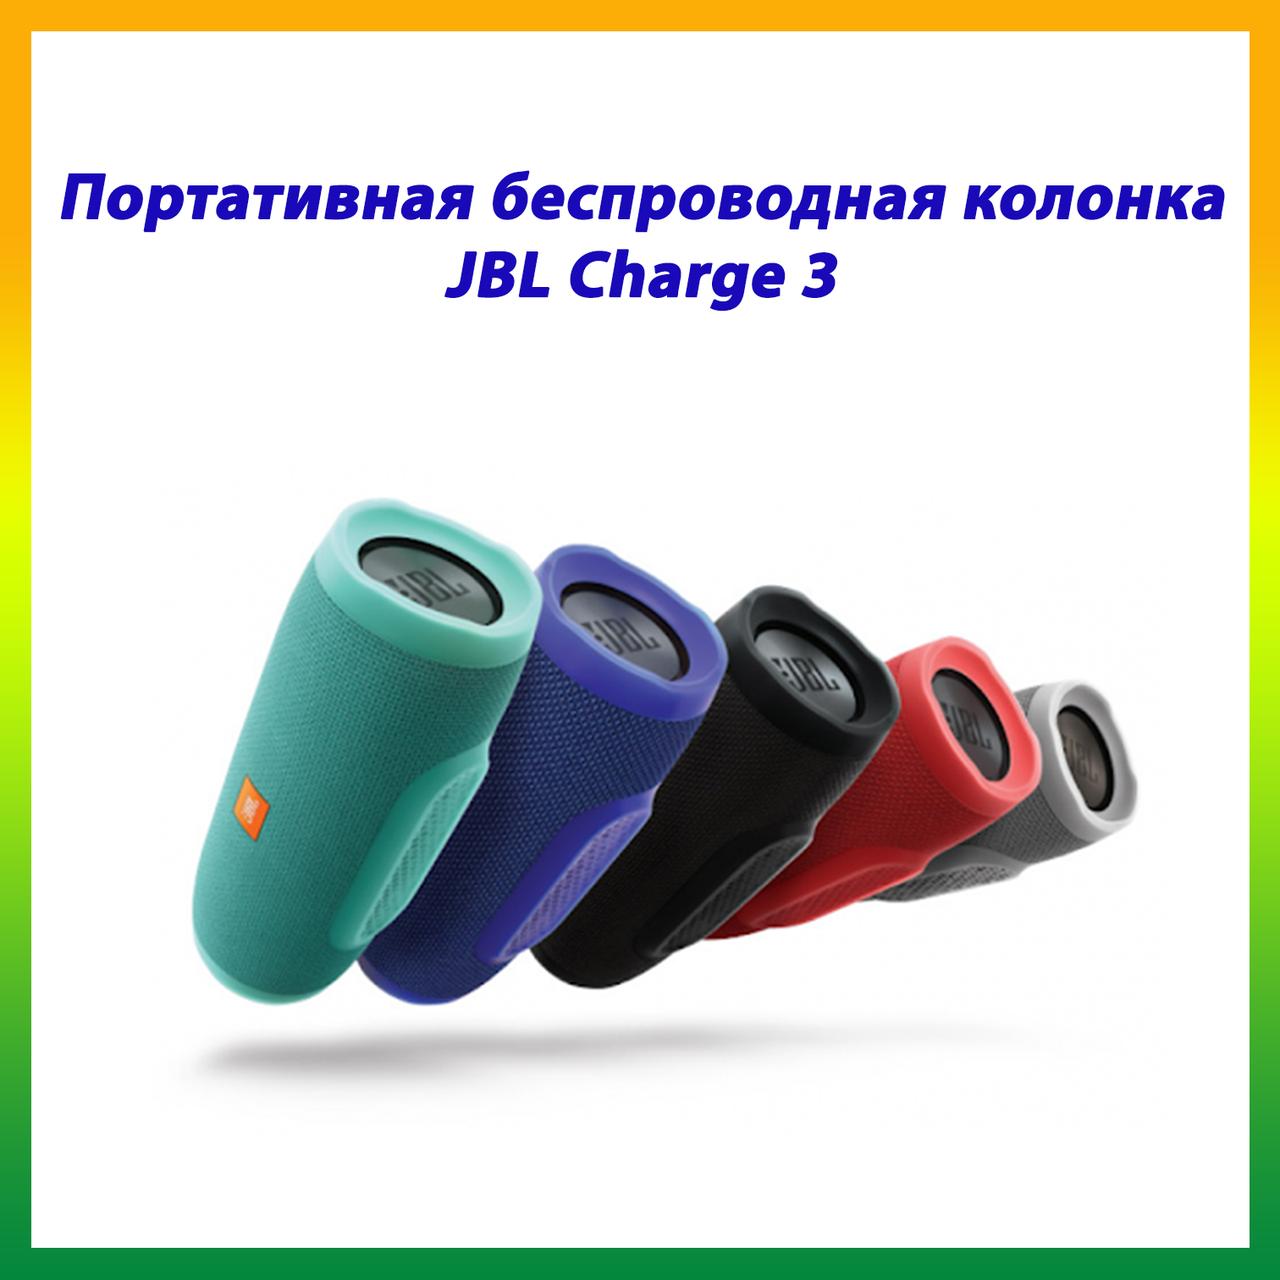 Портативна бездротова колонка JBL Charge 3 Копія. Бездротова портативна колонка